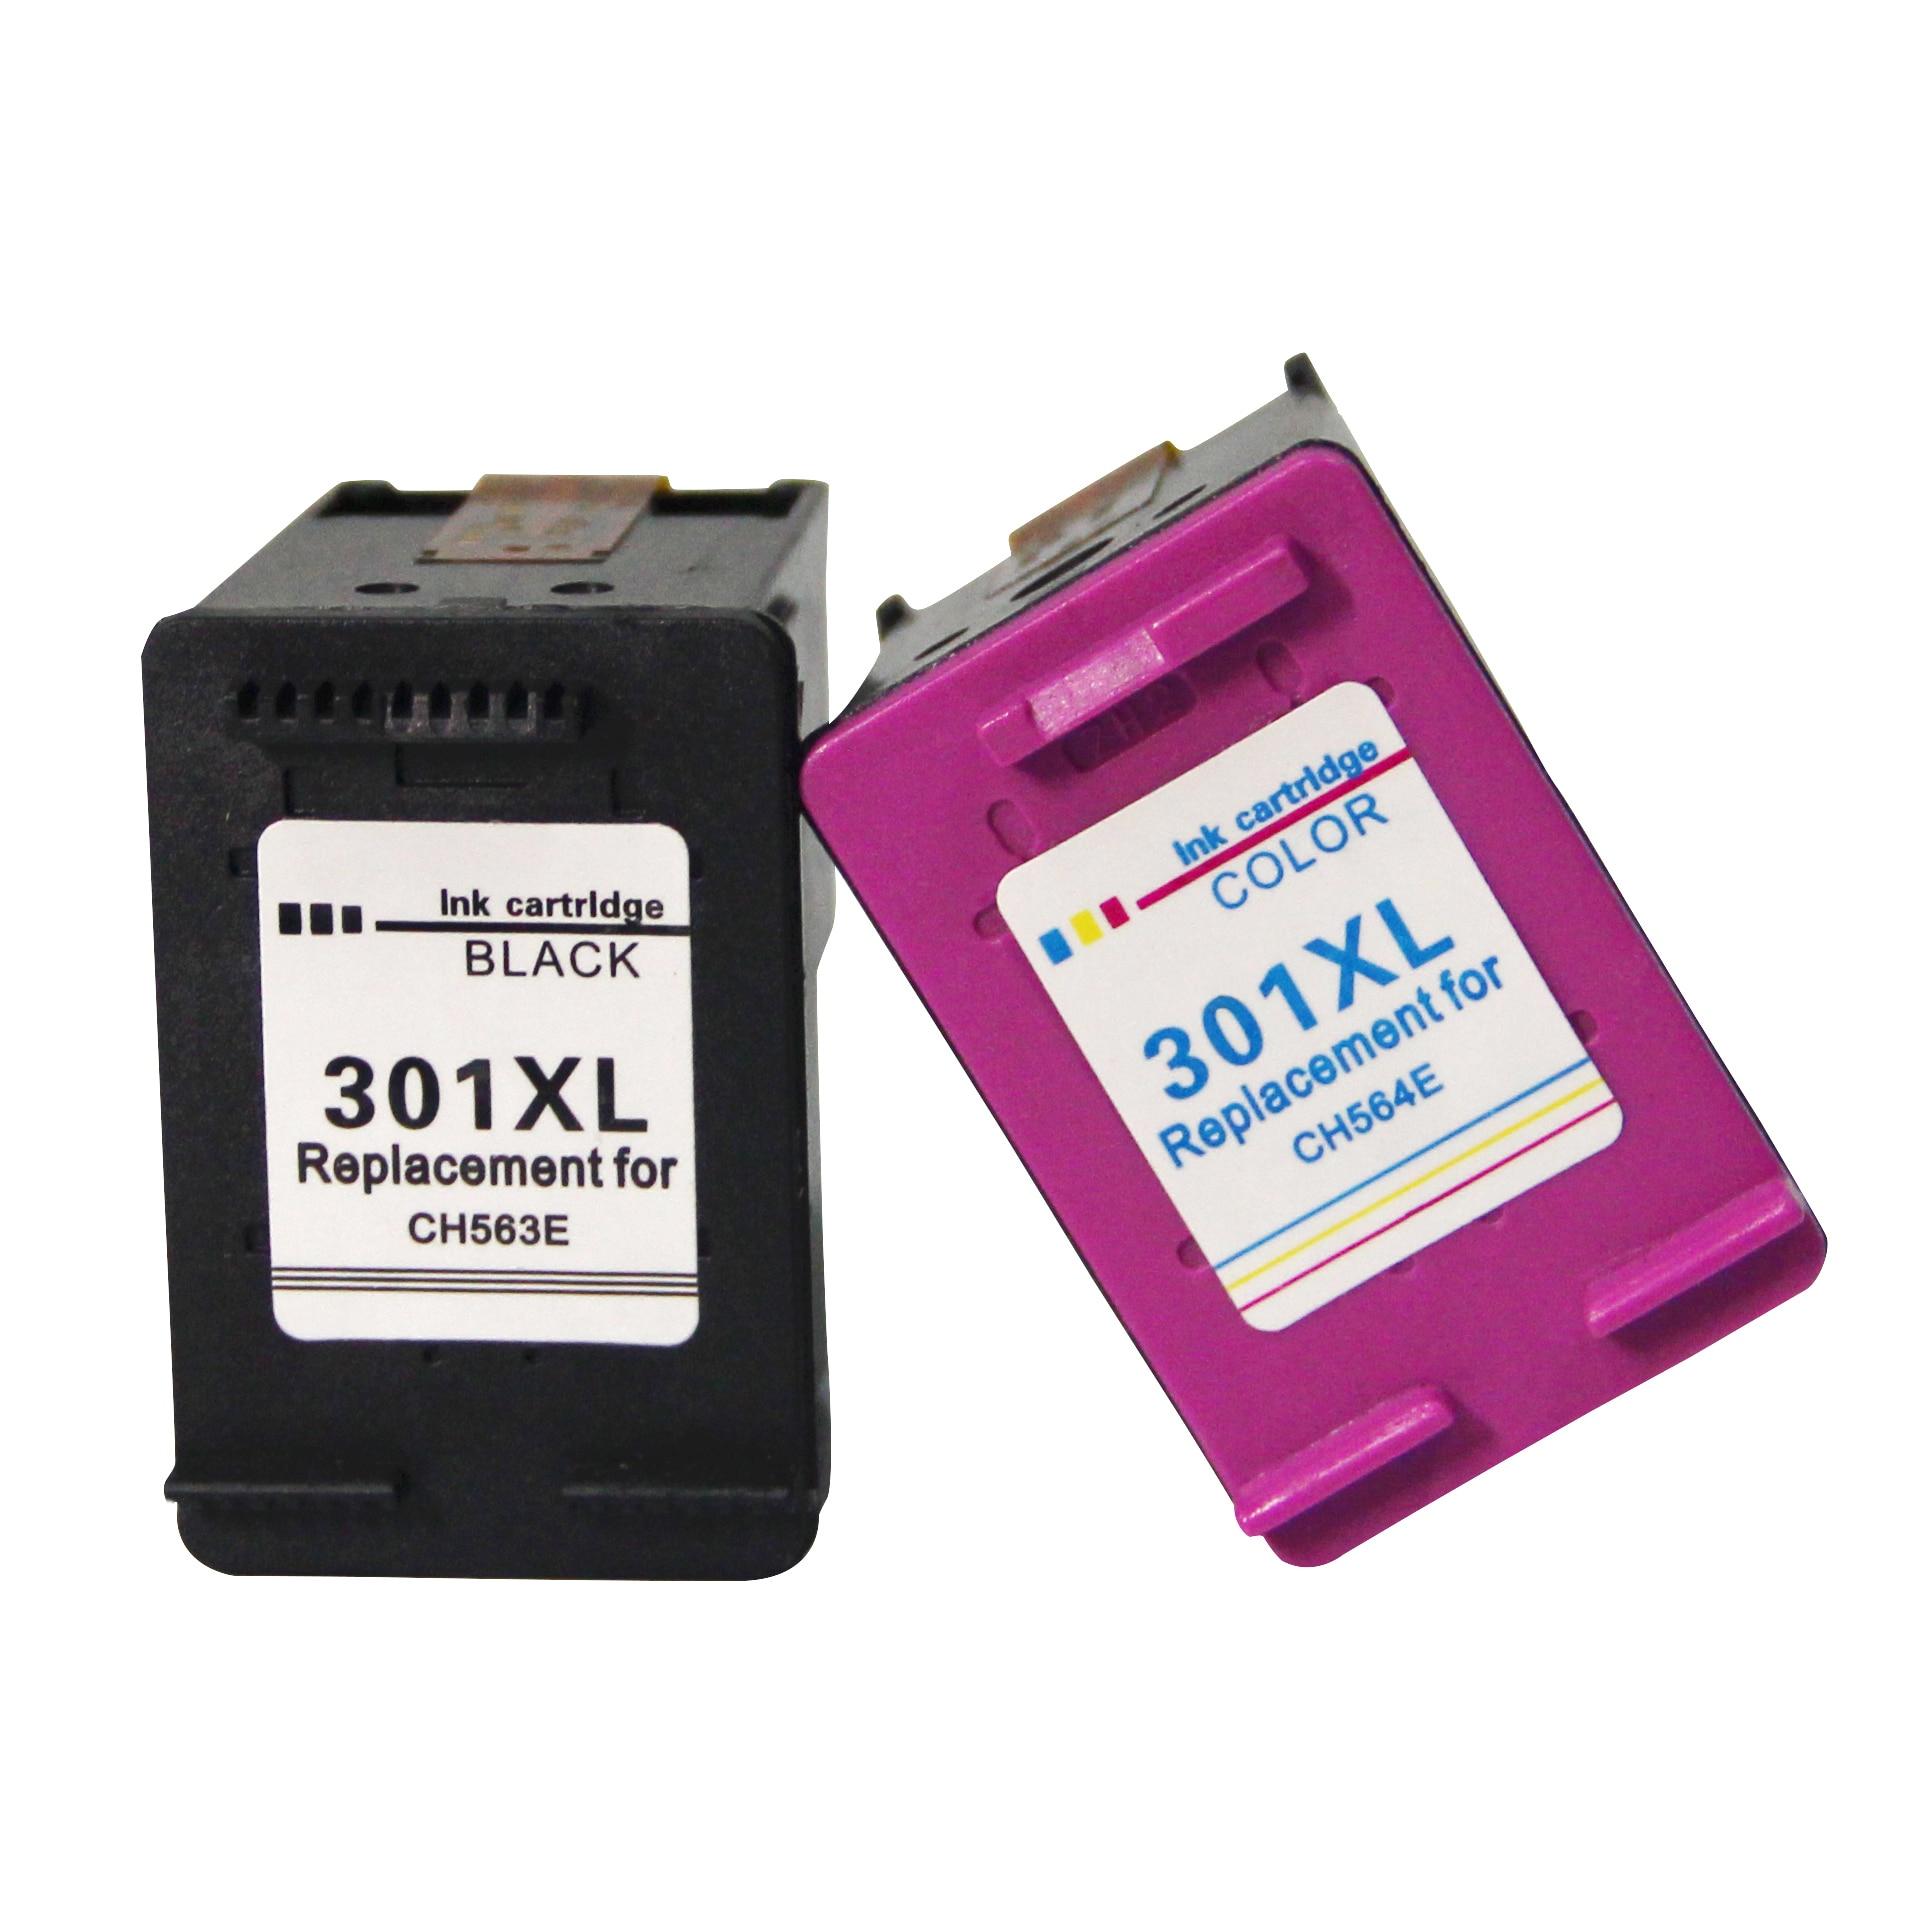 Remmanuel facturado hp 301xl 301 xl cartuchos de tinta neto y tricolor para hp deskjet 1000 1010 1050 1050a 1510 2050 2050a 2540